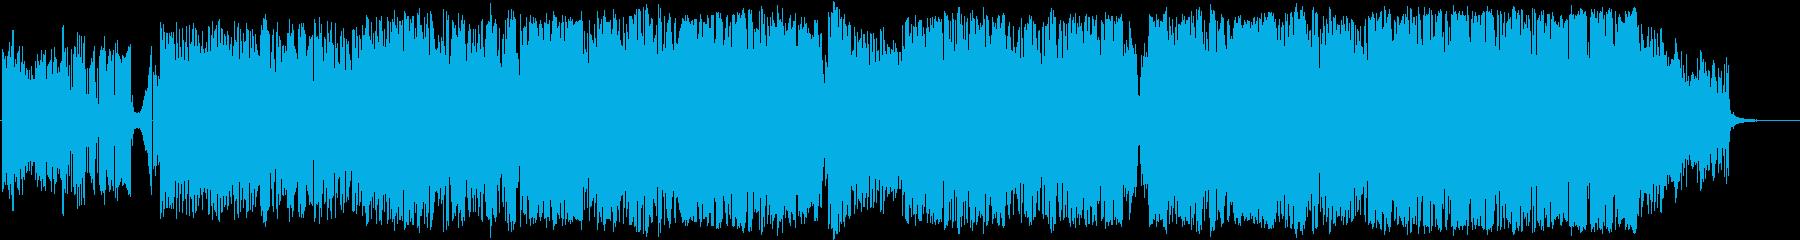 映像向け!華やかフルート×テクノポップの再生済みの波形